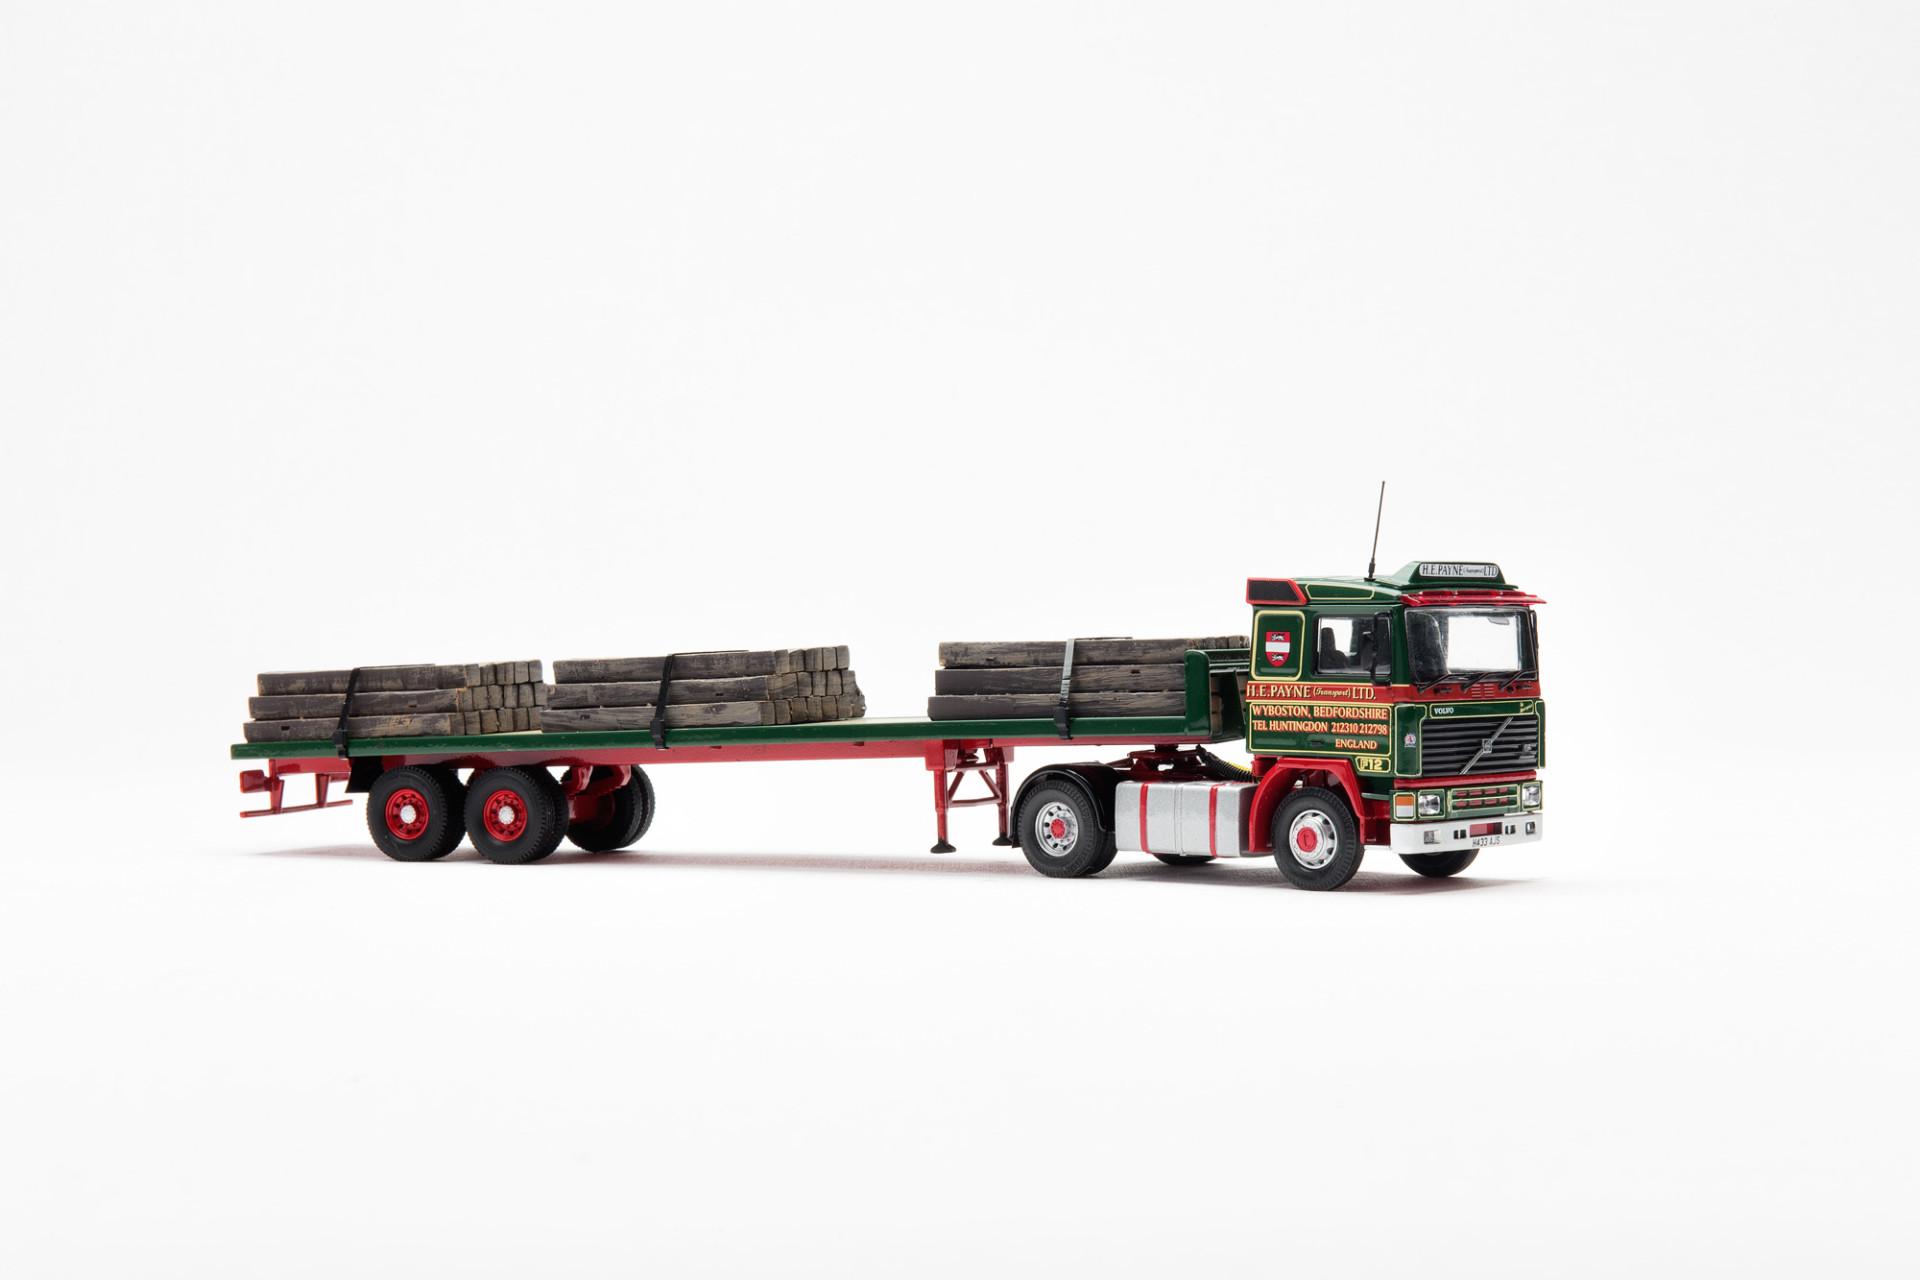 Trucks_2014-05-17_300-web